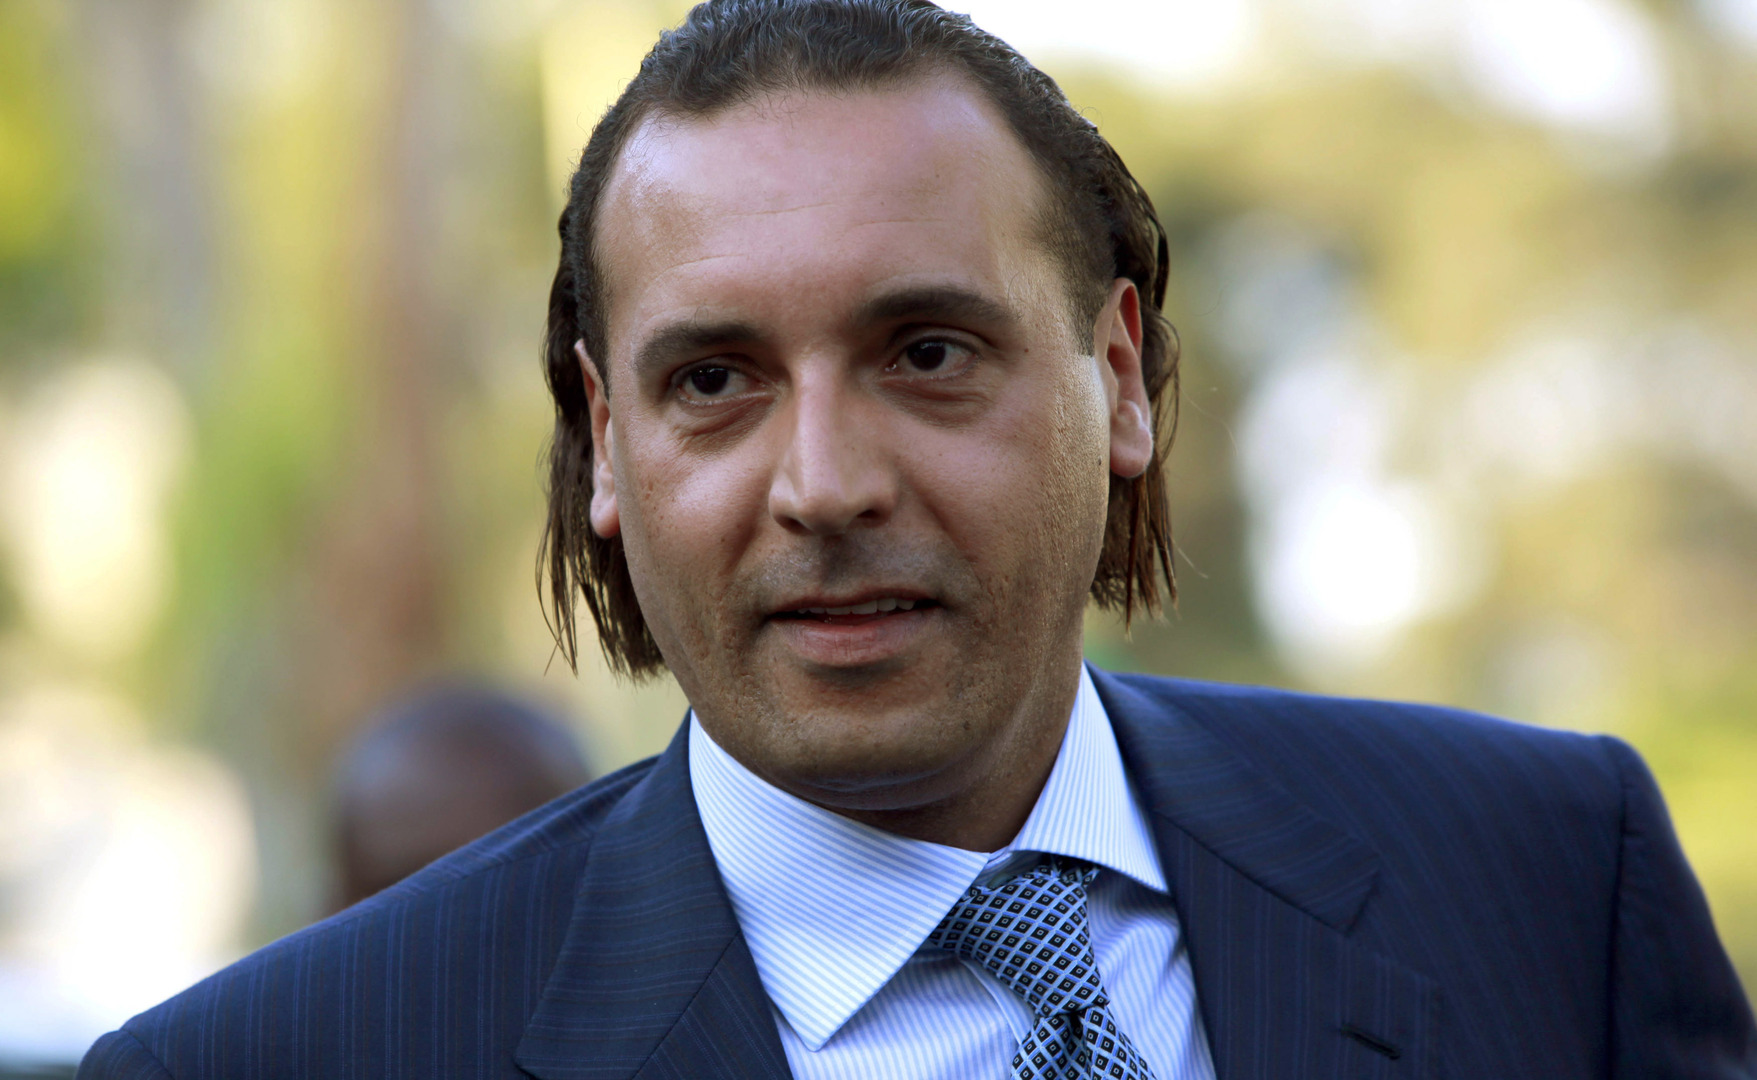 موكلة هانيبال القذافي تحمل الدولة اللبنانية مسؤولية سلامته